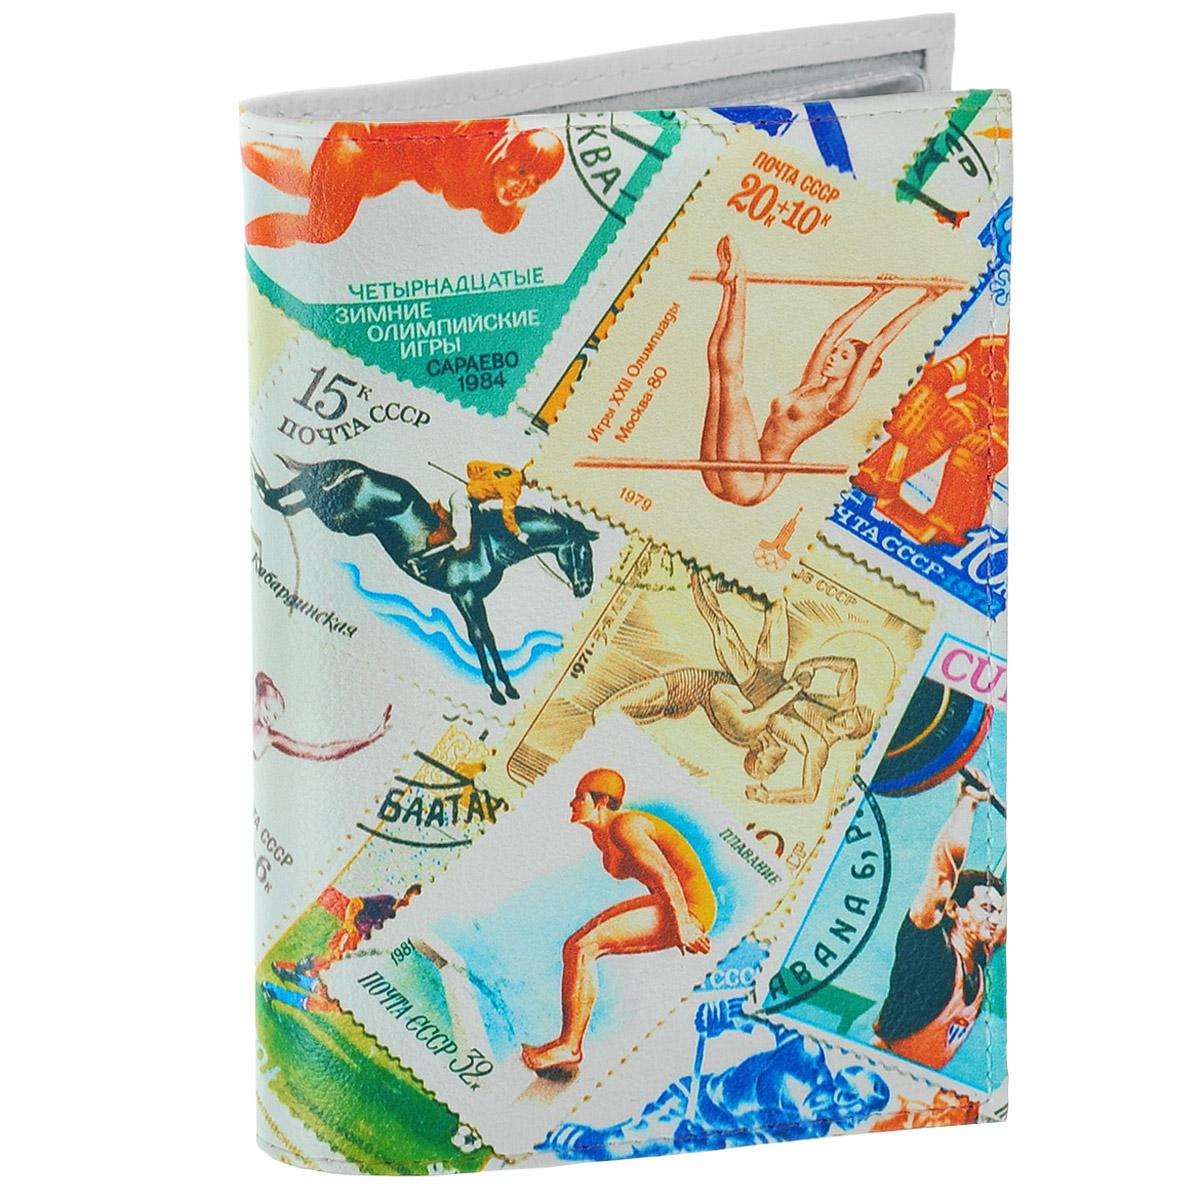 Обложка для автодокументов Спорт (марки) 2. AUTO282BV.20.-1.blackОбложка для автодокументов Mitya Veselkov Спорт. Марки - 2 изготовлена из натуральной кожии оформлена изображениями почтовых марок со спортивной тематикой. На внутреннем развороте имеются съемный блок из шести прозрачных файлов из мягкого пластика для водительских документов, один из которых формата А5, а также два боковых кармашка для визиток или банковских карт.Стильная обложка не только поможет сохранить внешний вид ваших документов и защитит их отгрязи и пыли, но и станет аксессуаром, который подчеркнет вашу яркую индивидуальность.